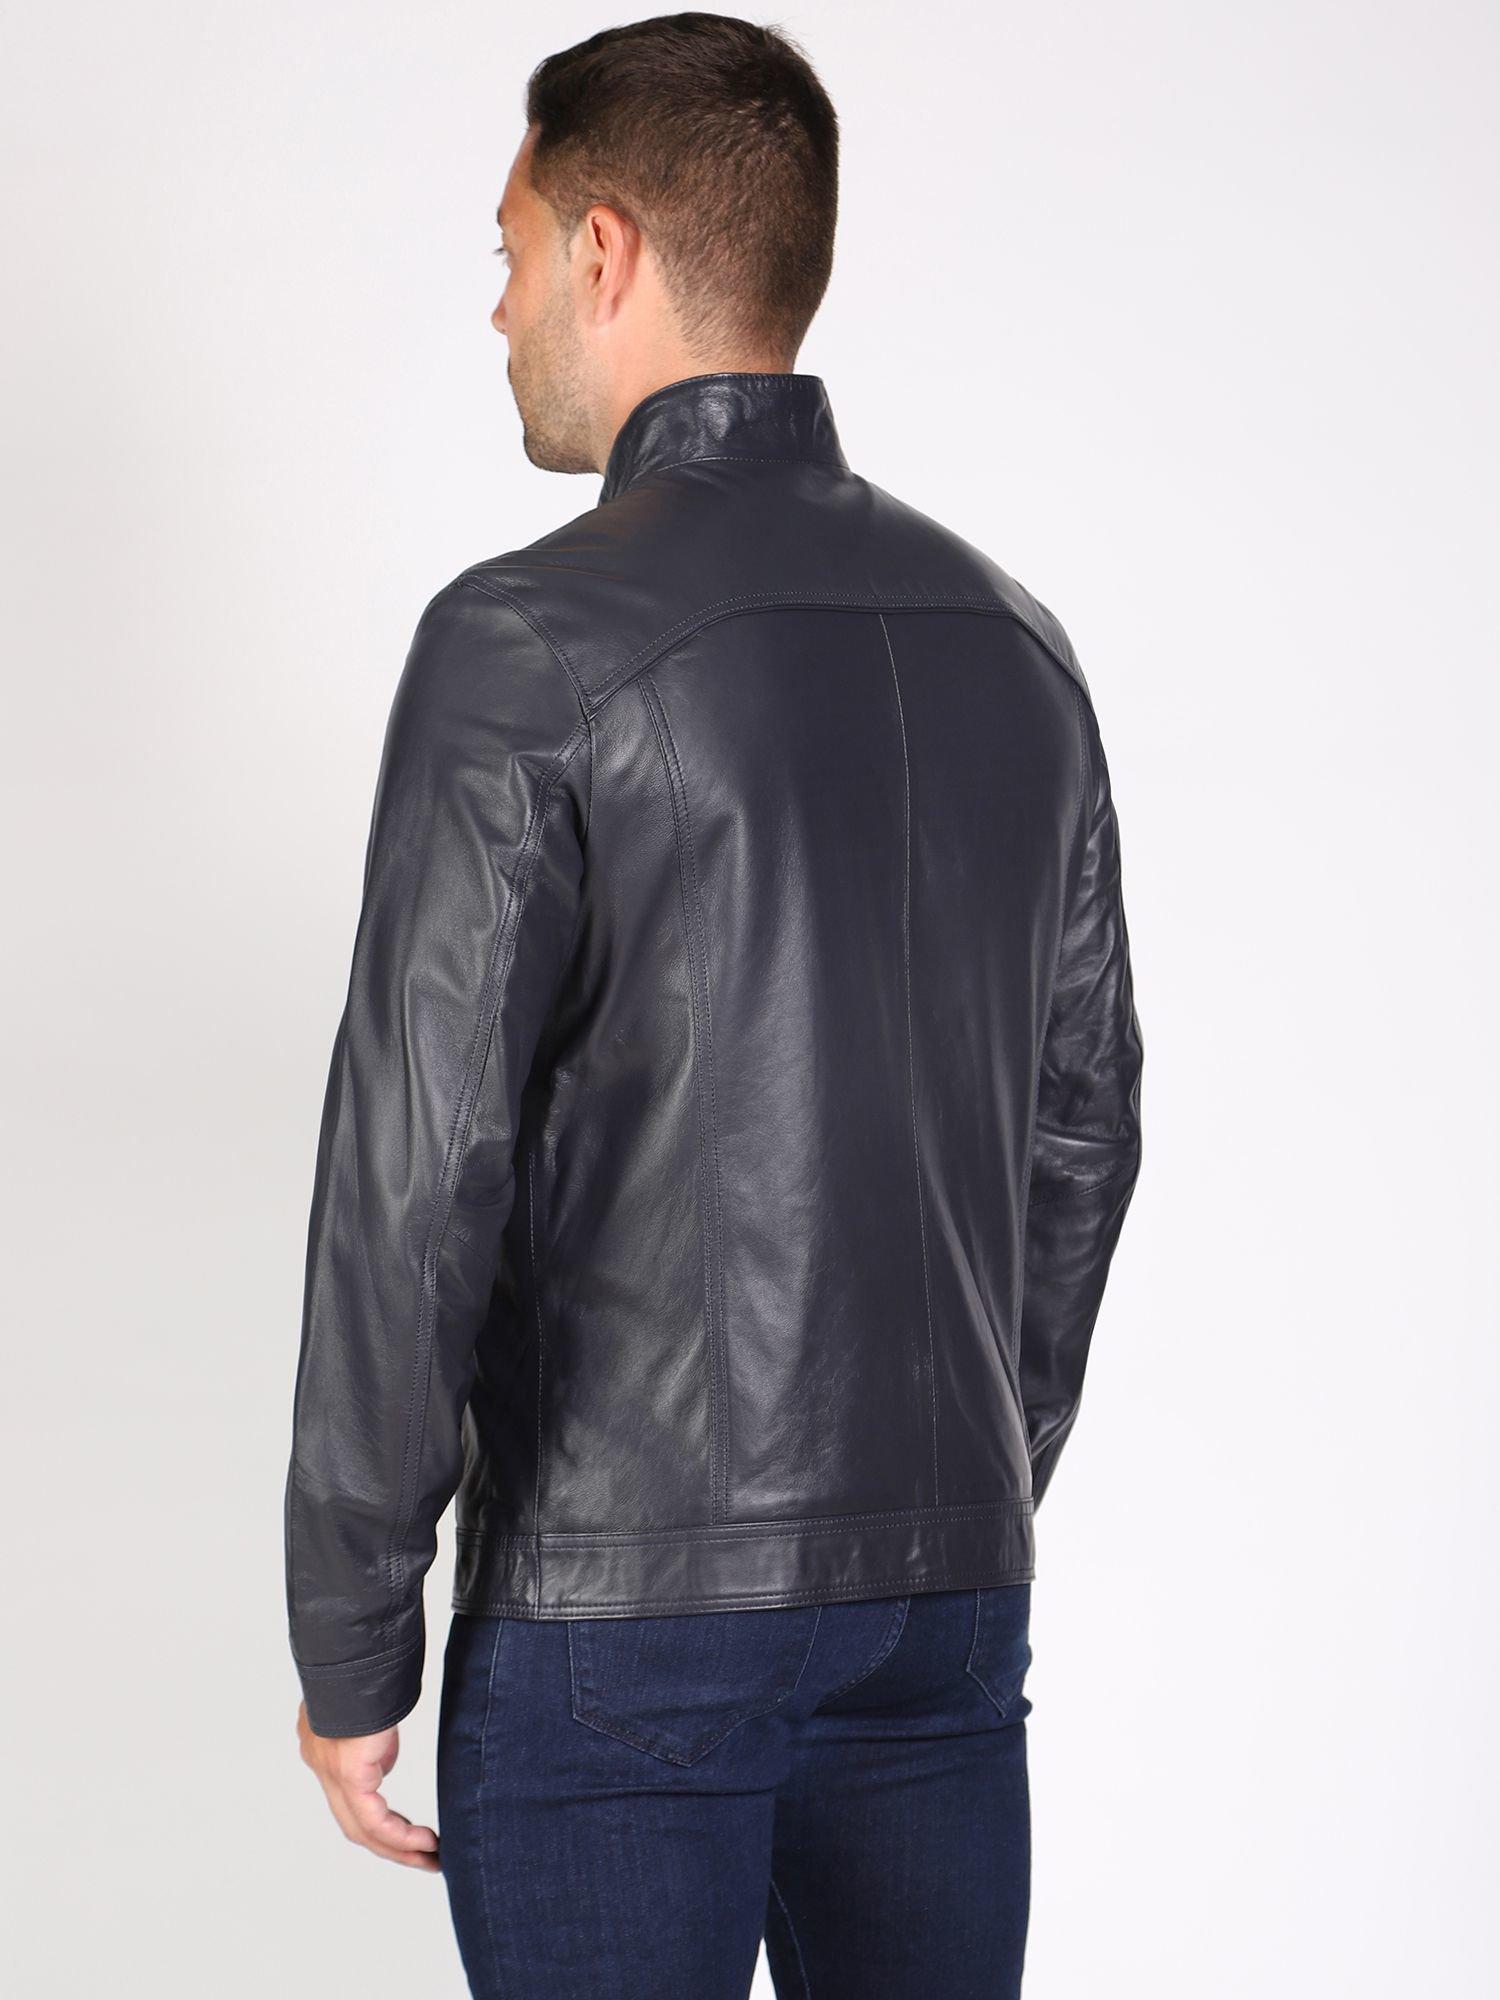 купить куртку кожаную сша